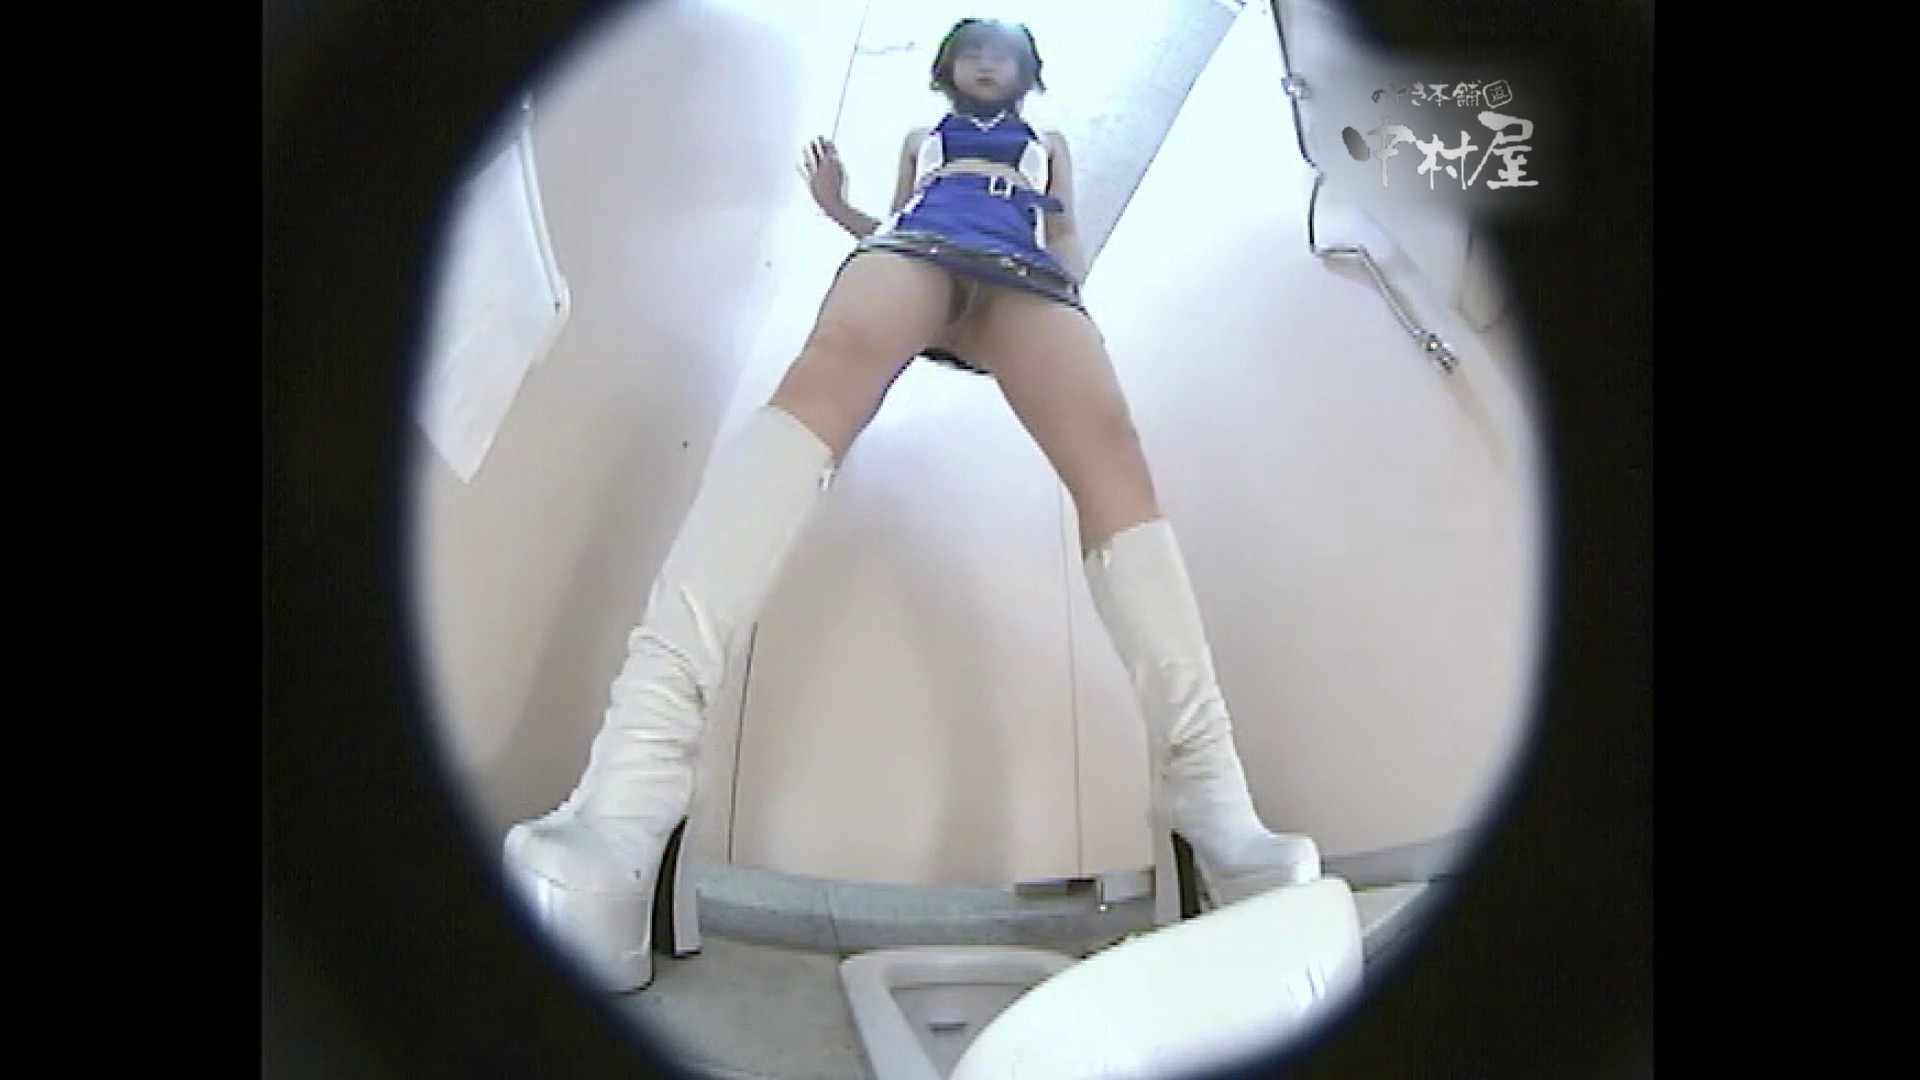 レースクィーントイレ盗撮!Vol.23 ギャルヌード おまんこ動画流出 52画像 4